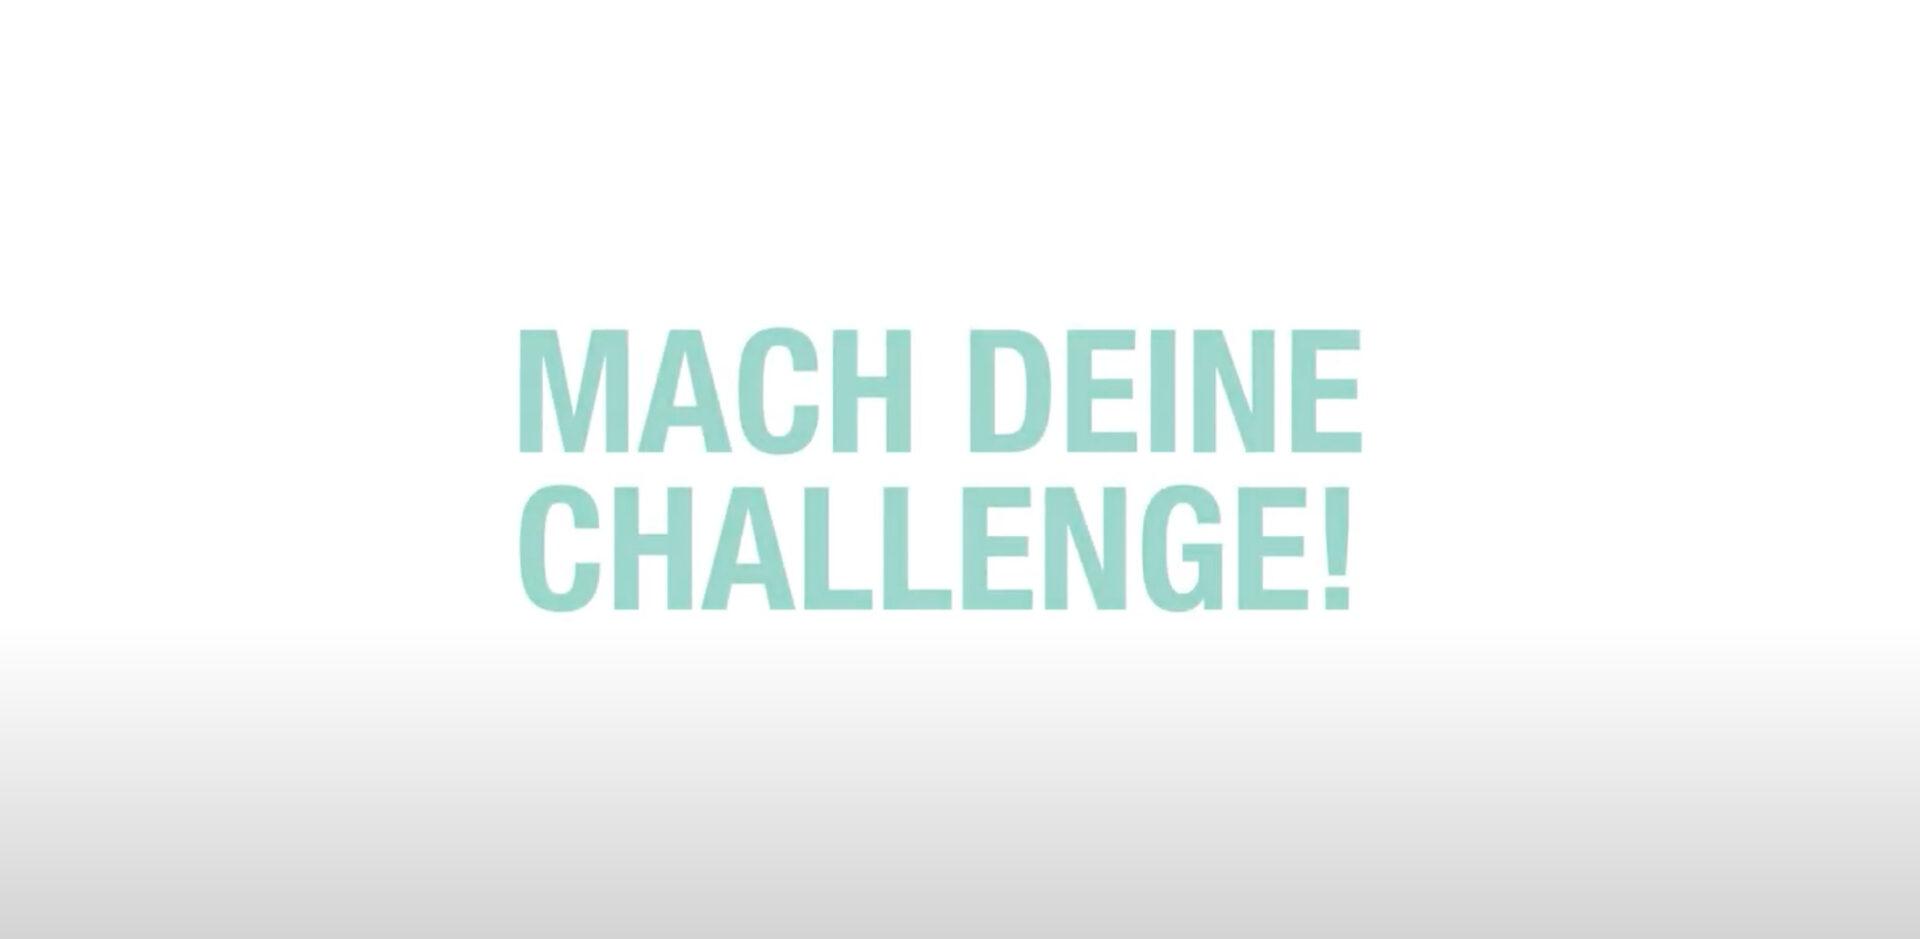 Mach Deine Challenge!